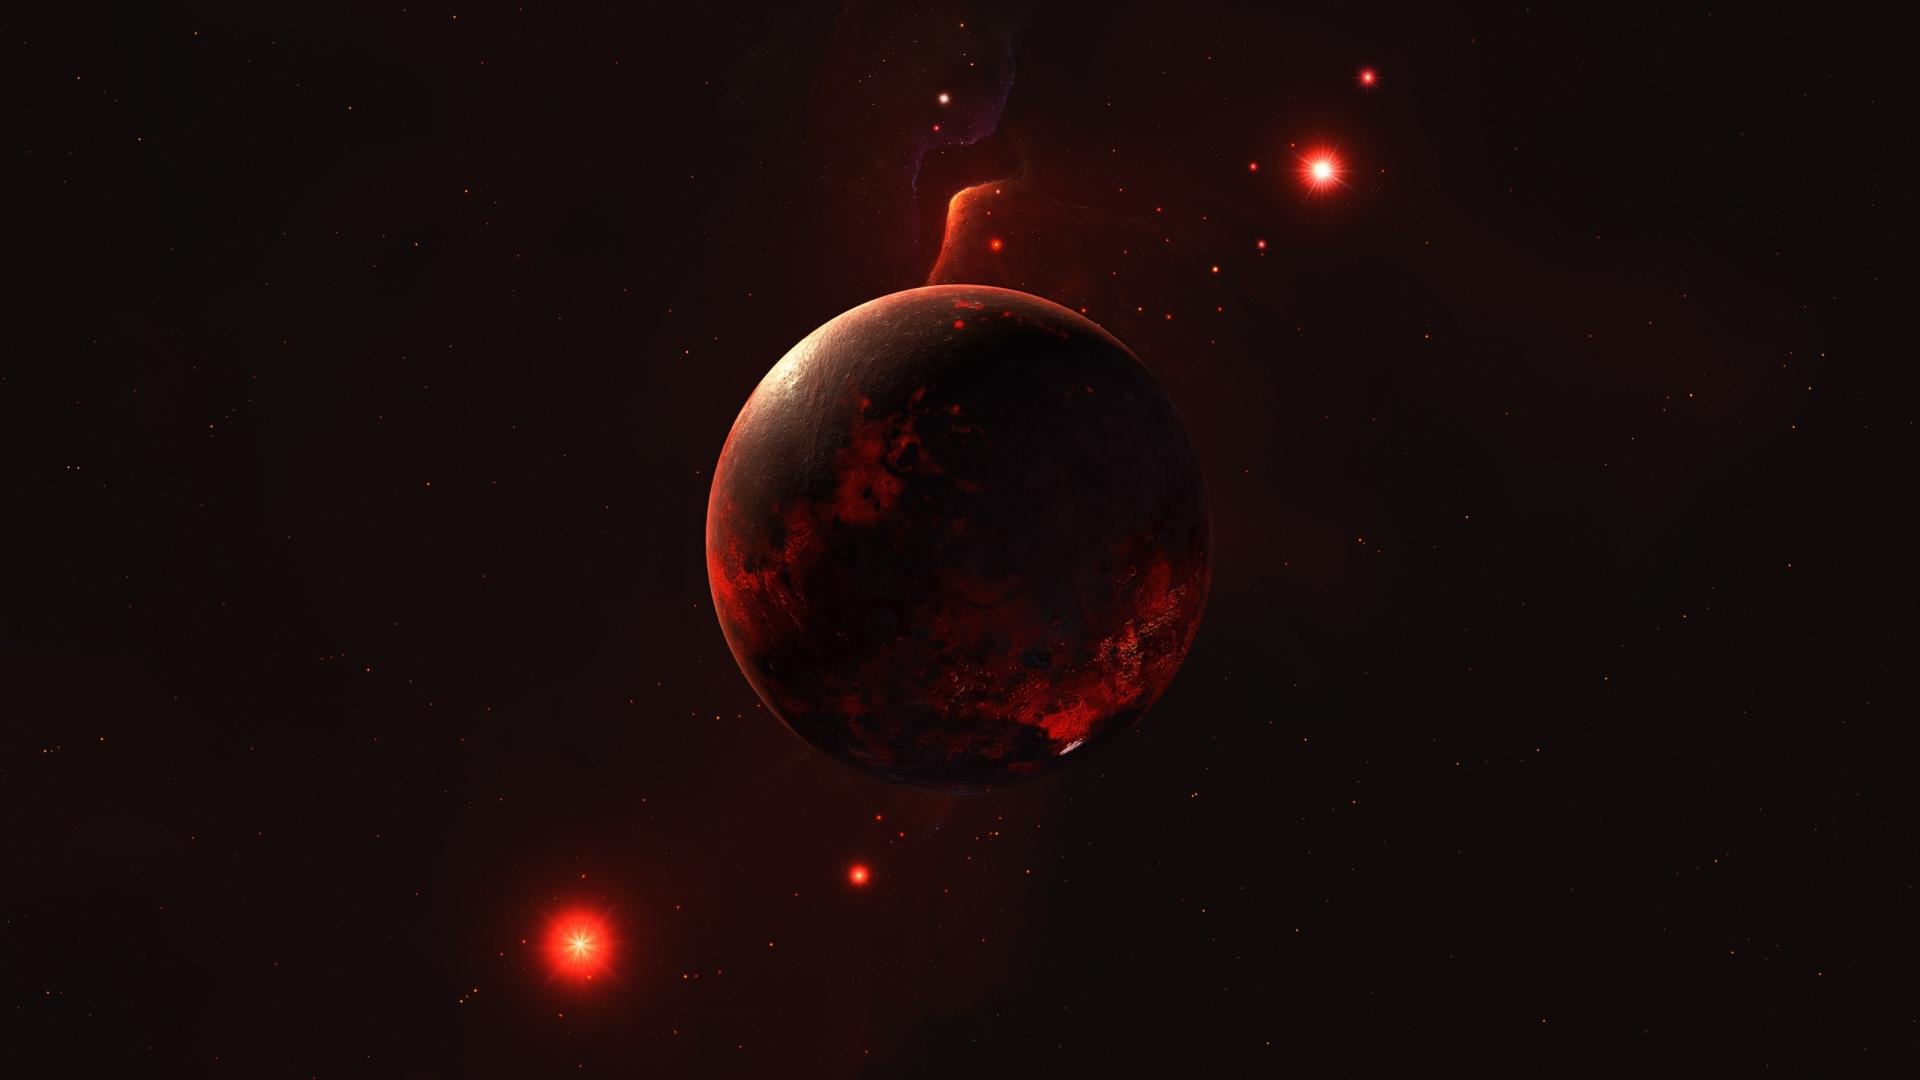 1920x1080 Planet In Space 1080p Laptop Full Hd Wallpaper Hd